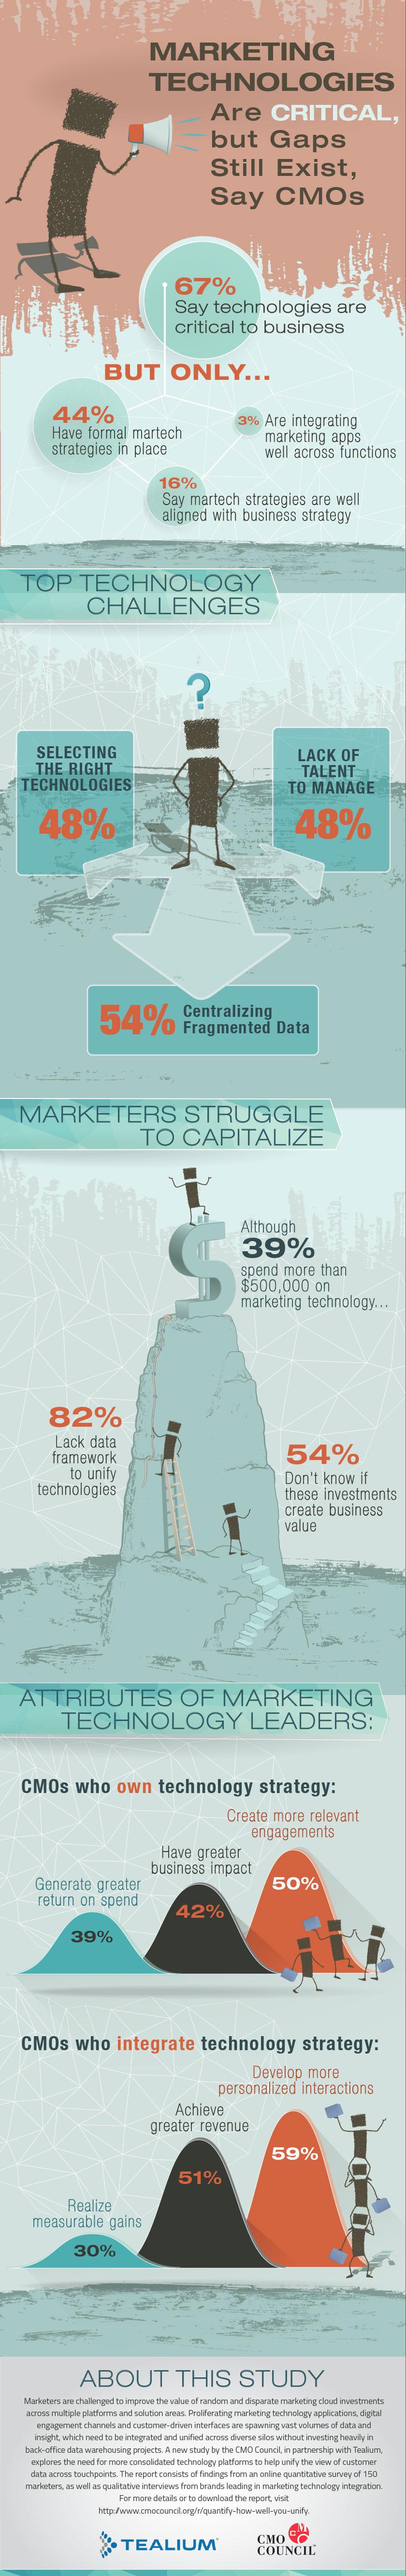 MarketingTechCriticalButGapsExist_Infographic-Final_10-16.jpg